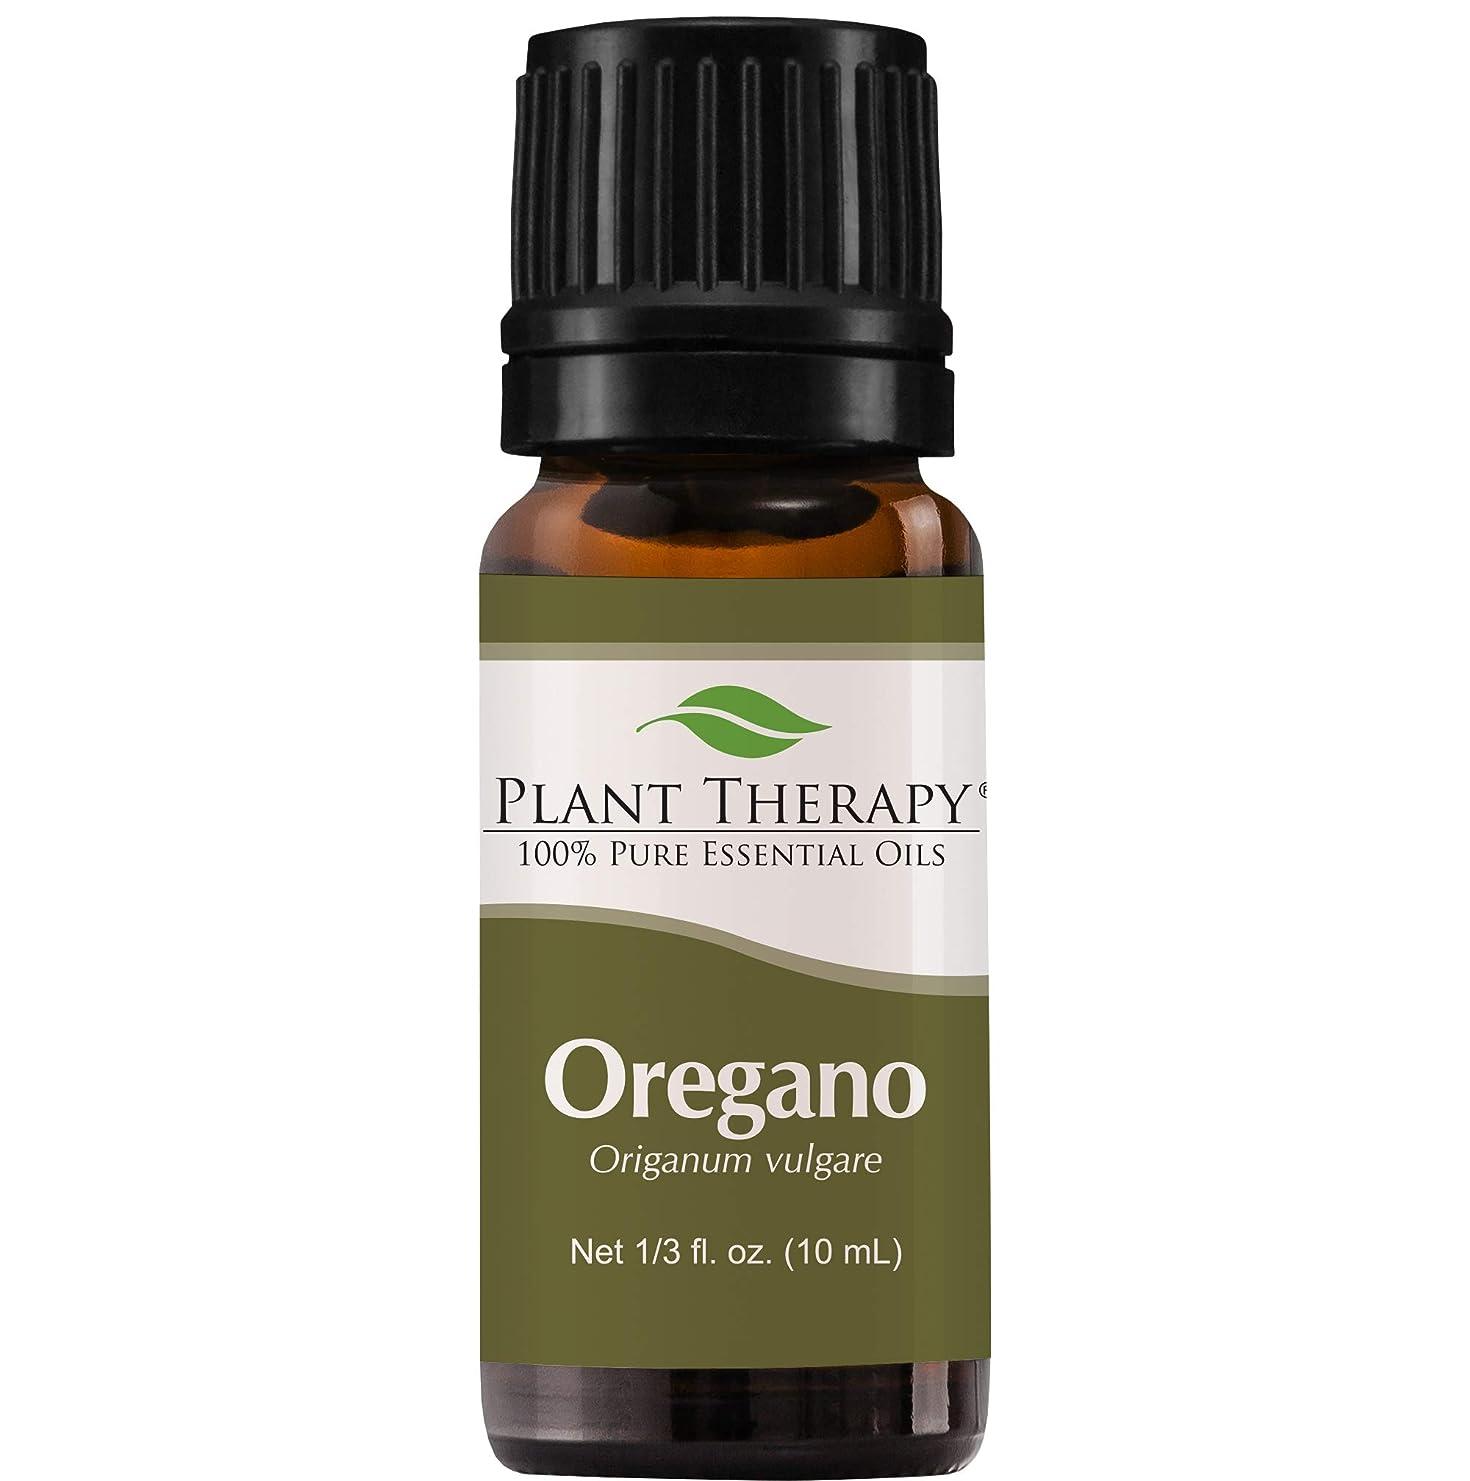 肯定的過激派国際Plant Therapy Essential Oils (プラントセラピー エッセンシャルオイル) オレガノ (オリガヌム) エッセンシャルオイル